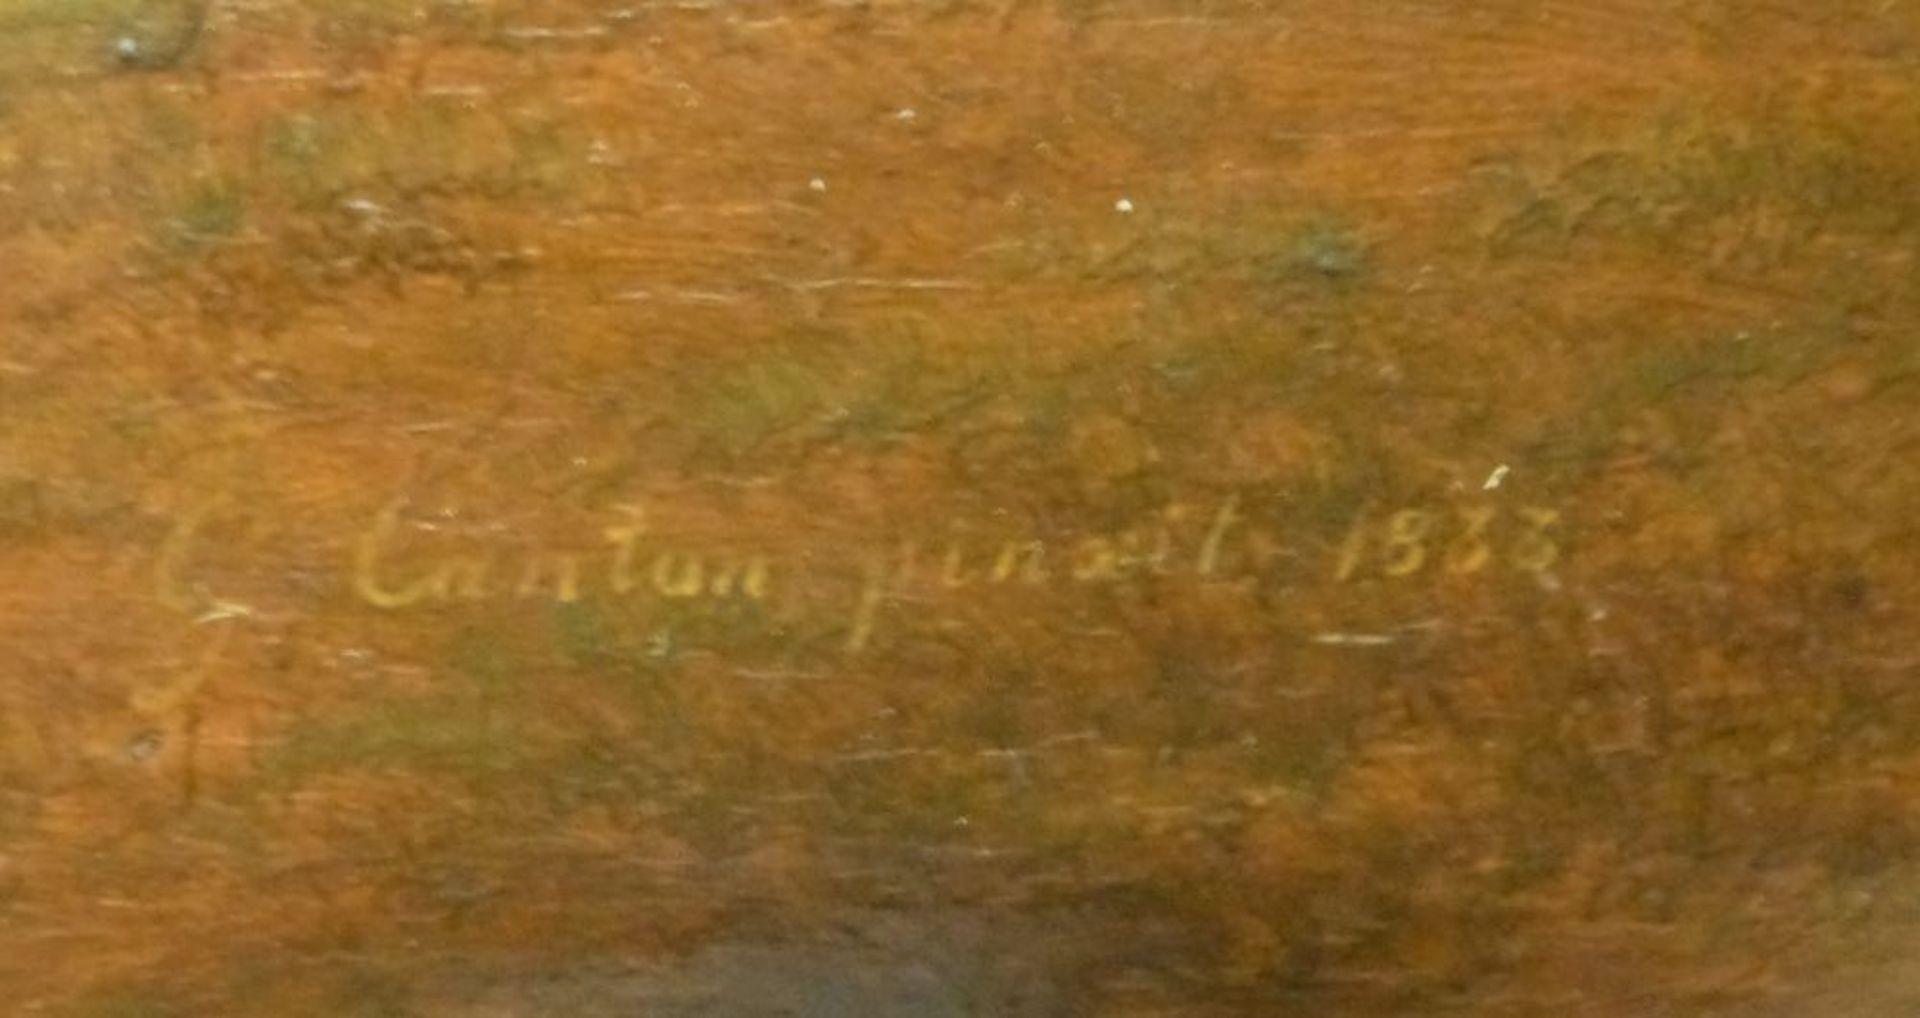 Auf der WeideGustav Jakob Canton, 1813-1885Öl/Eichenplatte, sign. G.Canton pinxit 1833, Kühe, Schafe - Bild 2 aus 7